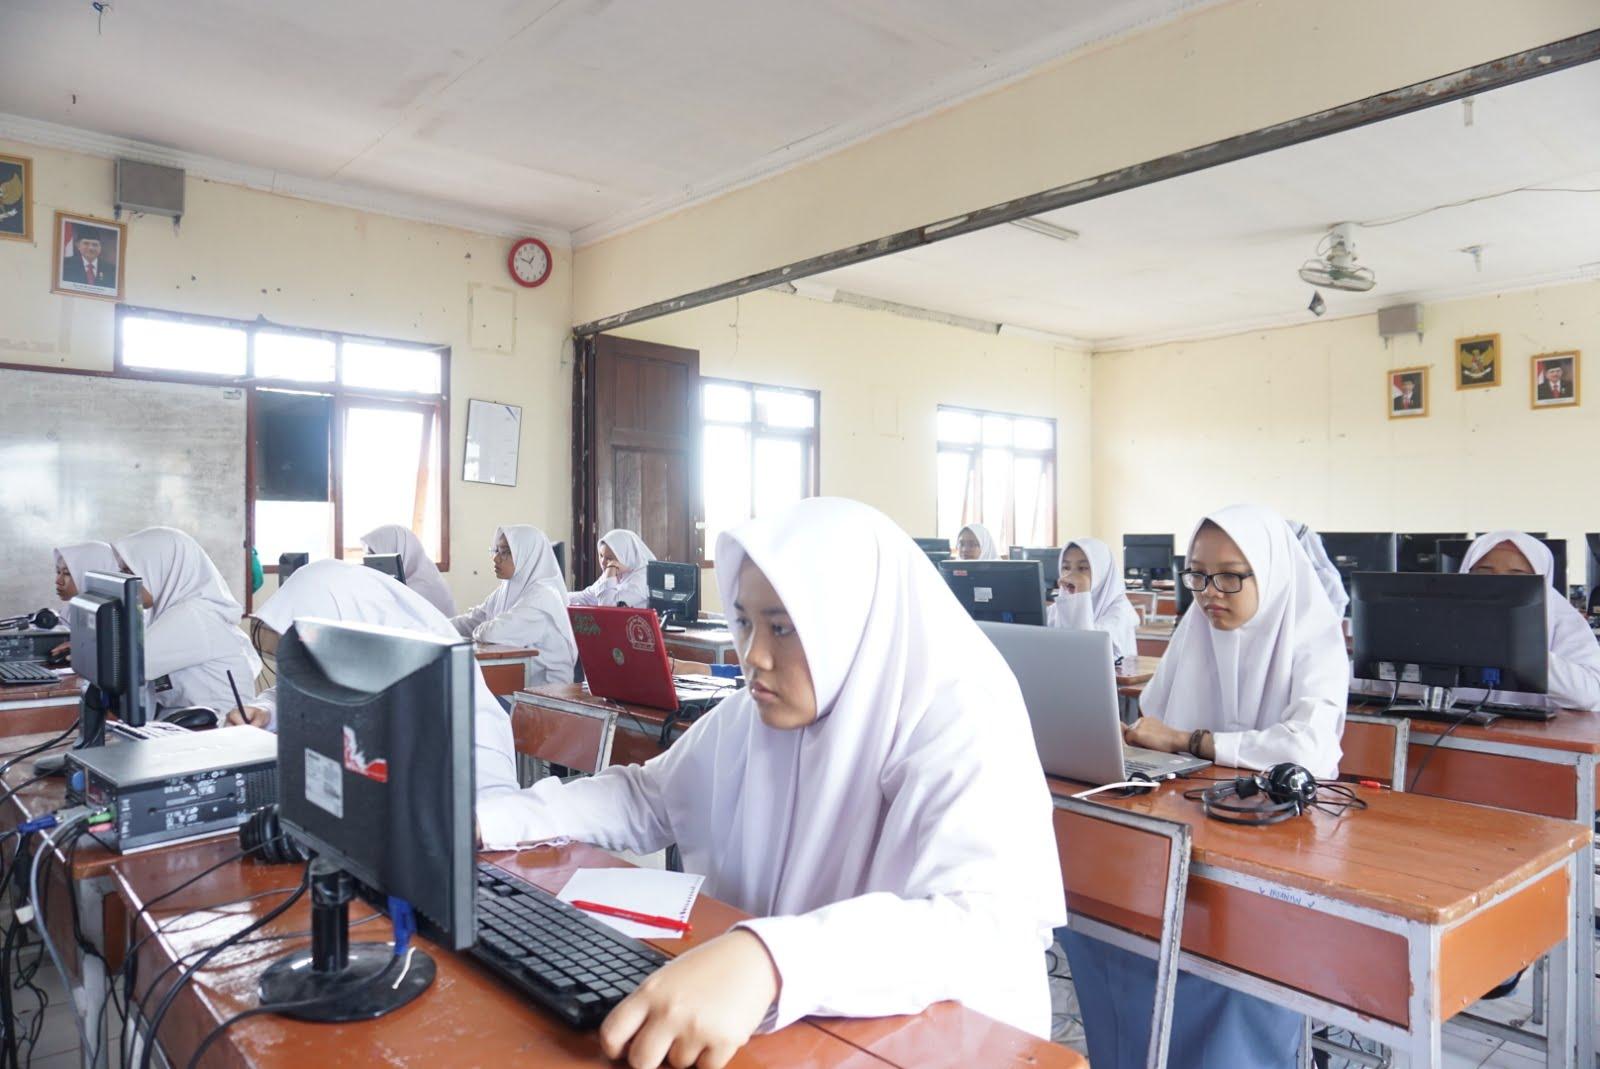 Pendidikan Islam Modern Berbasis Pesantren